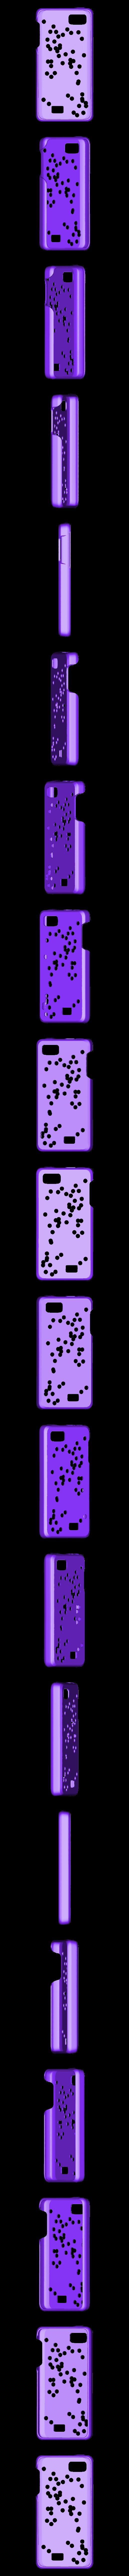 Holes_random.stl Télécharger fichier STL gratuit Cas Fairphone no 3 : Découpe de trous aléatoires • Objet à imprimer en 3D, Numbmond